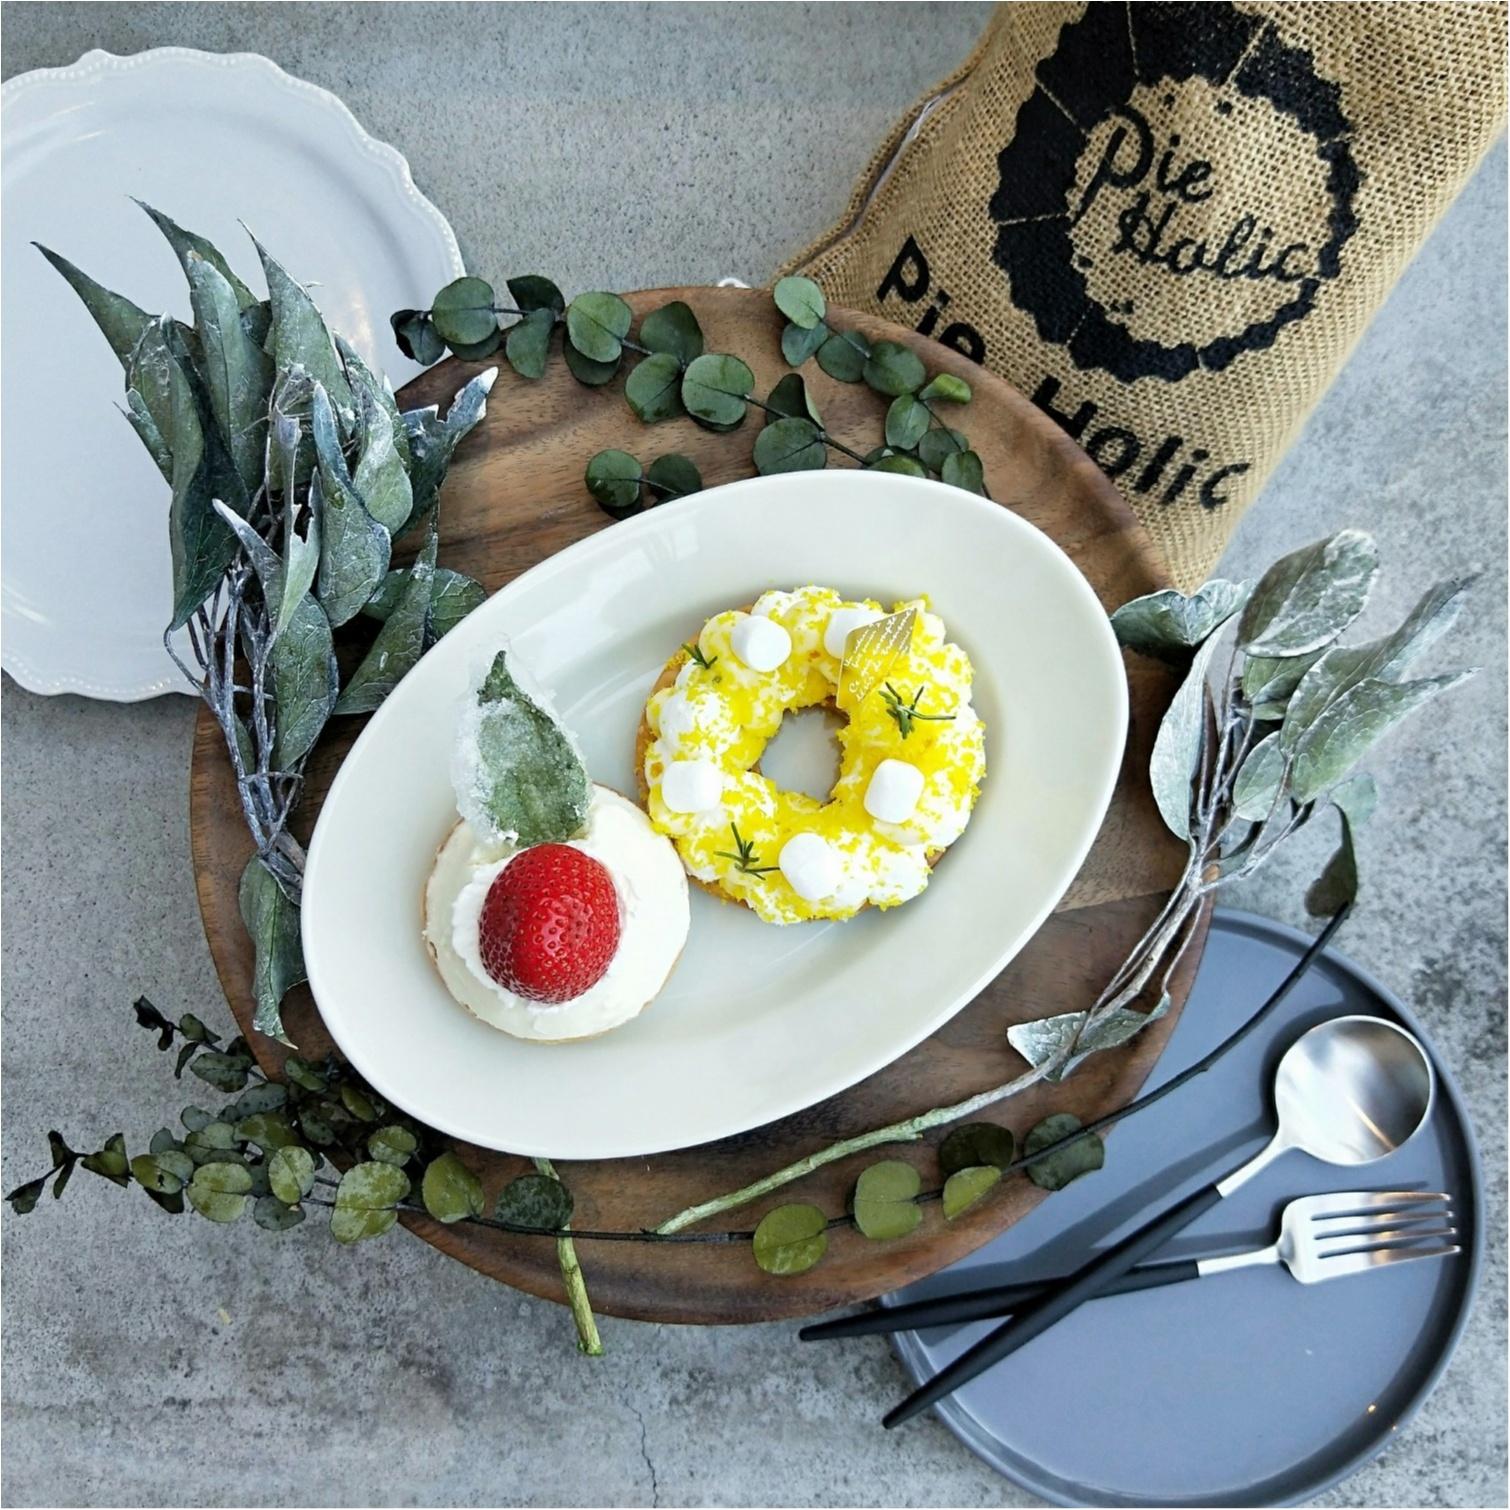 パイ専門店「Pie Holic」の新作試食会に参加♡コンセプトは「ハーブとフルーツ」_4